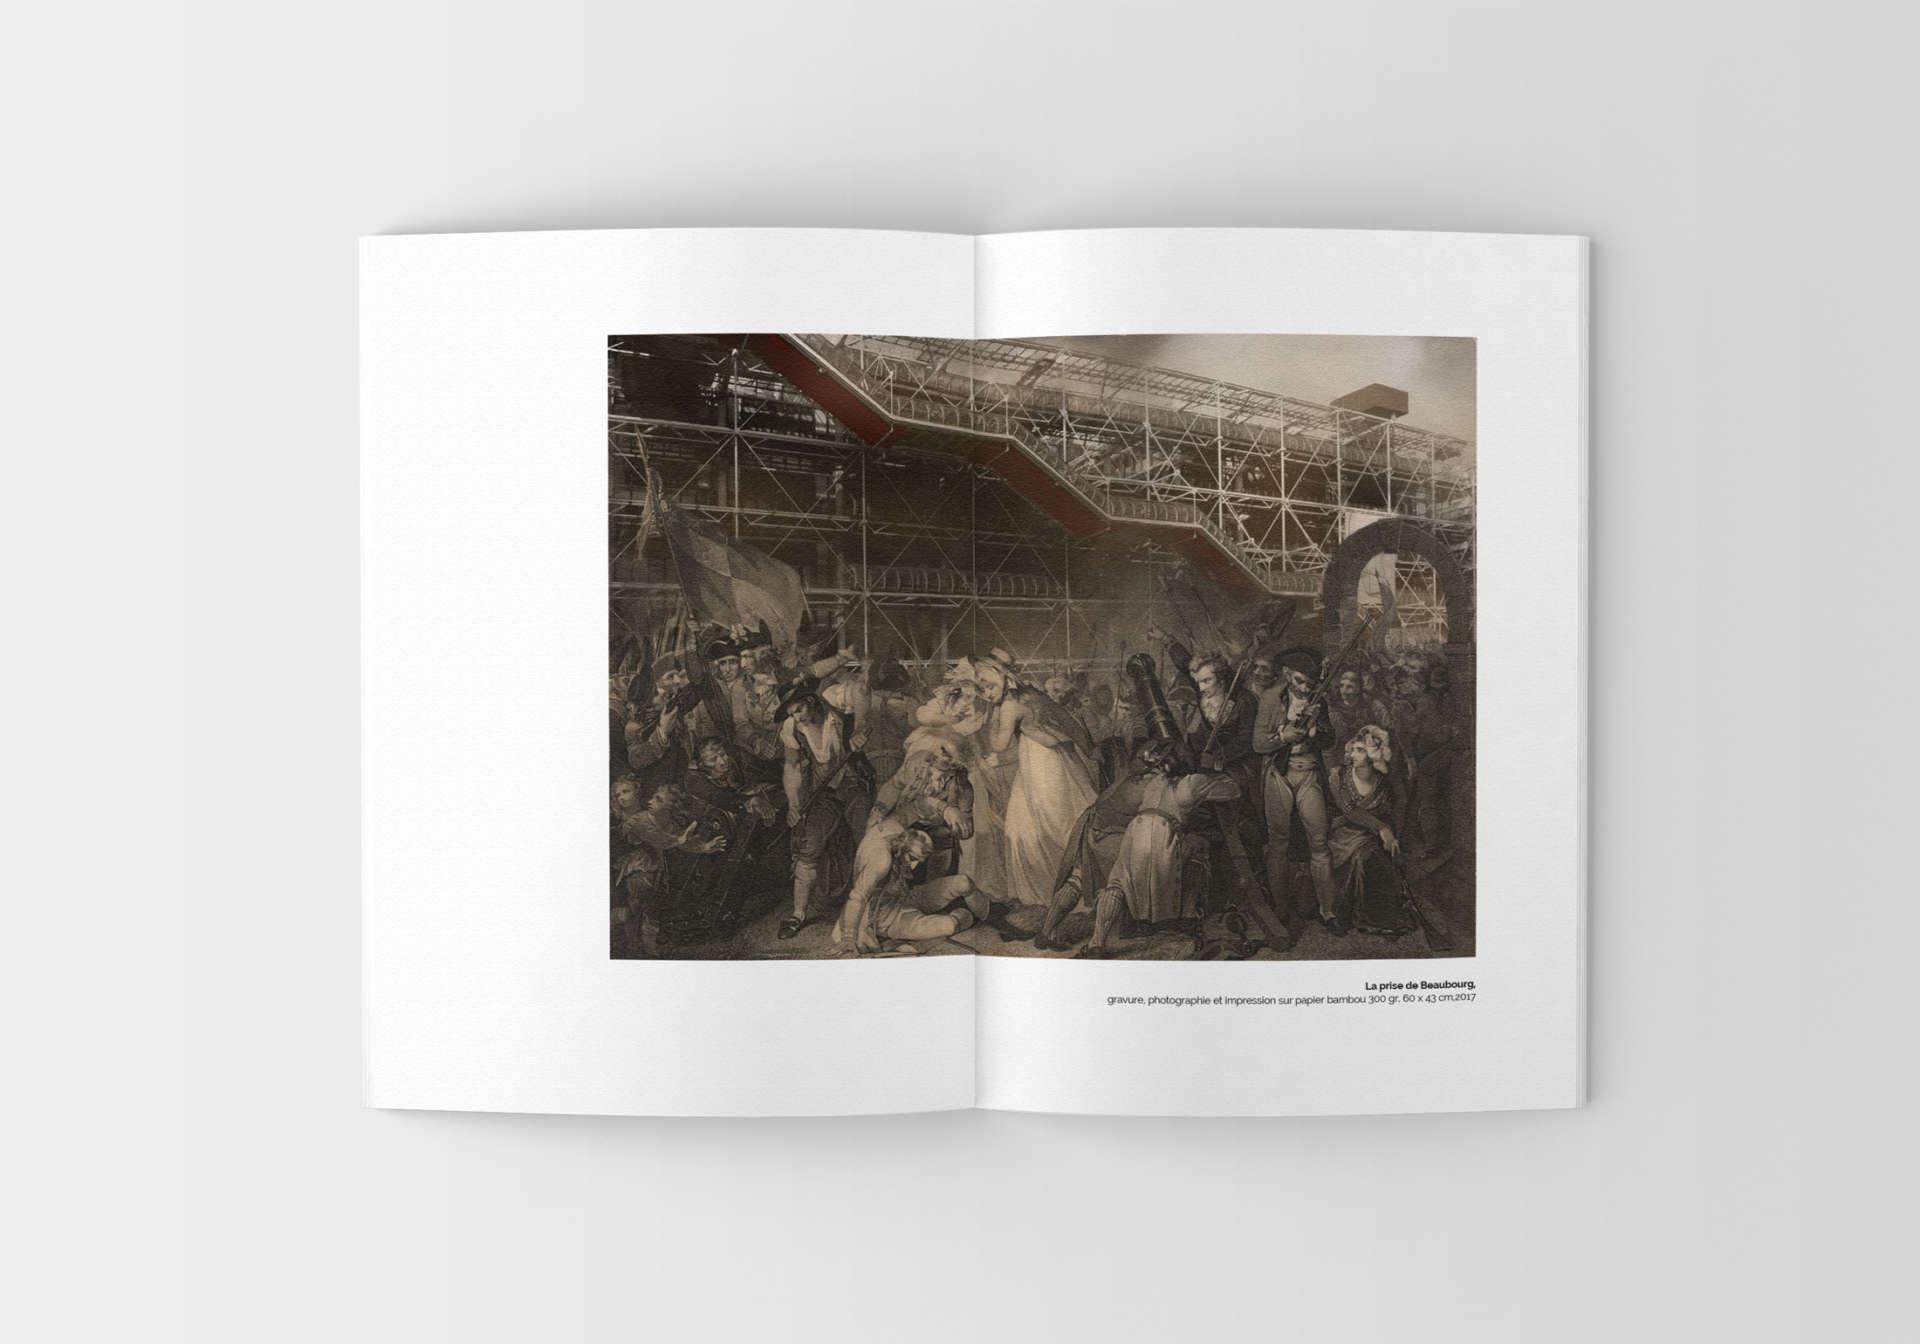 Galerie-ALB-catalogue-02